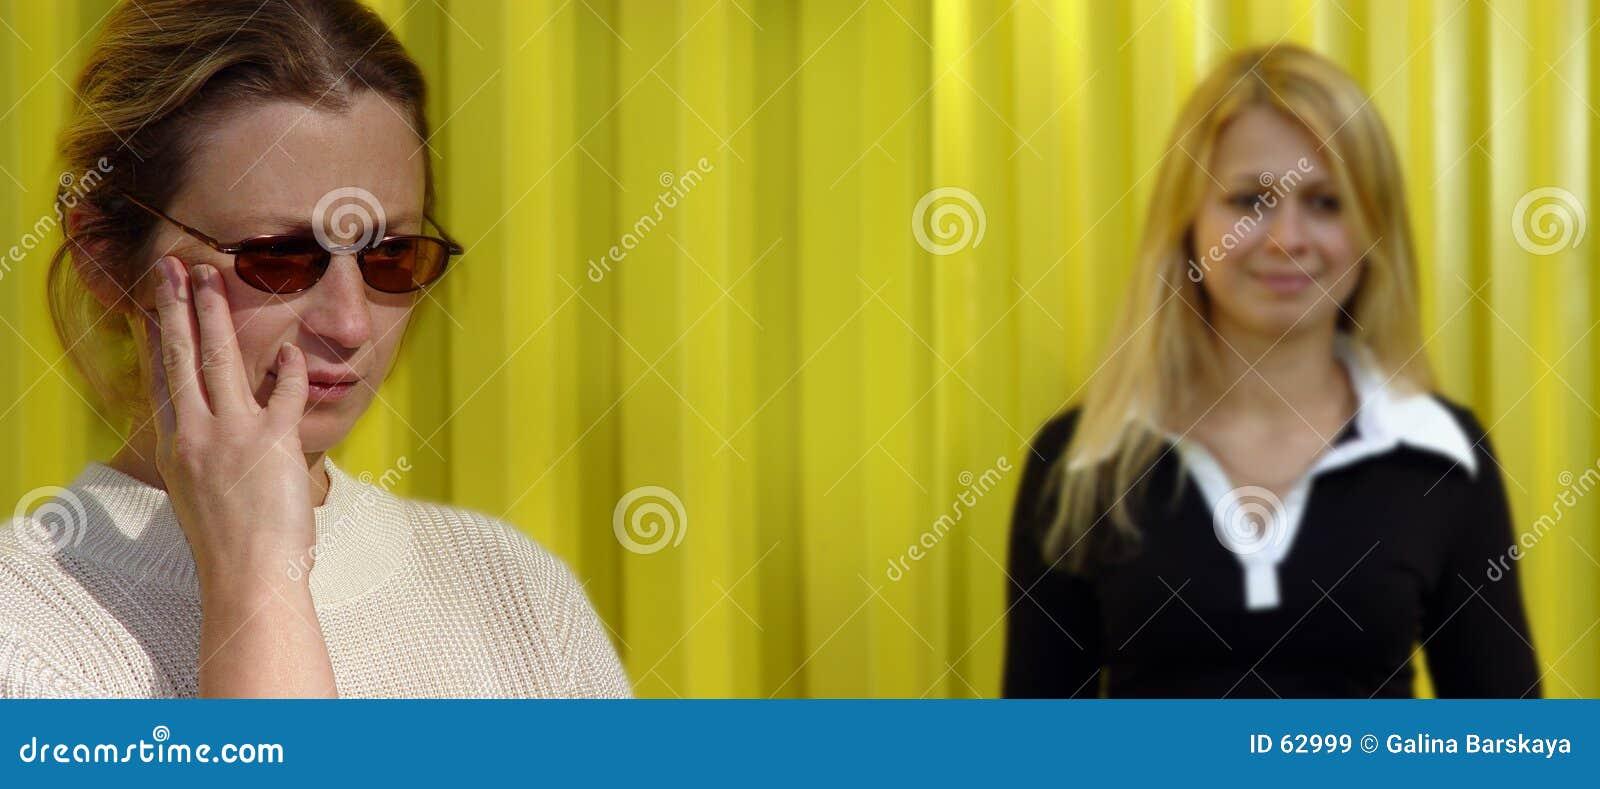 Femmes blonds sur le jaune